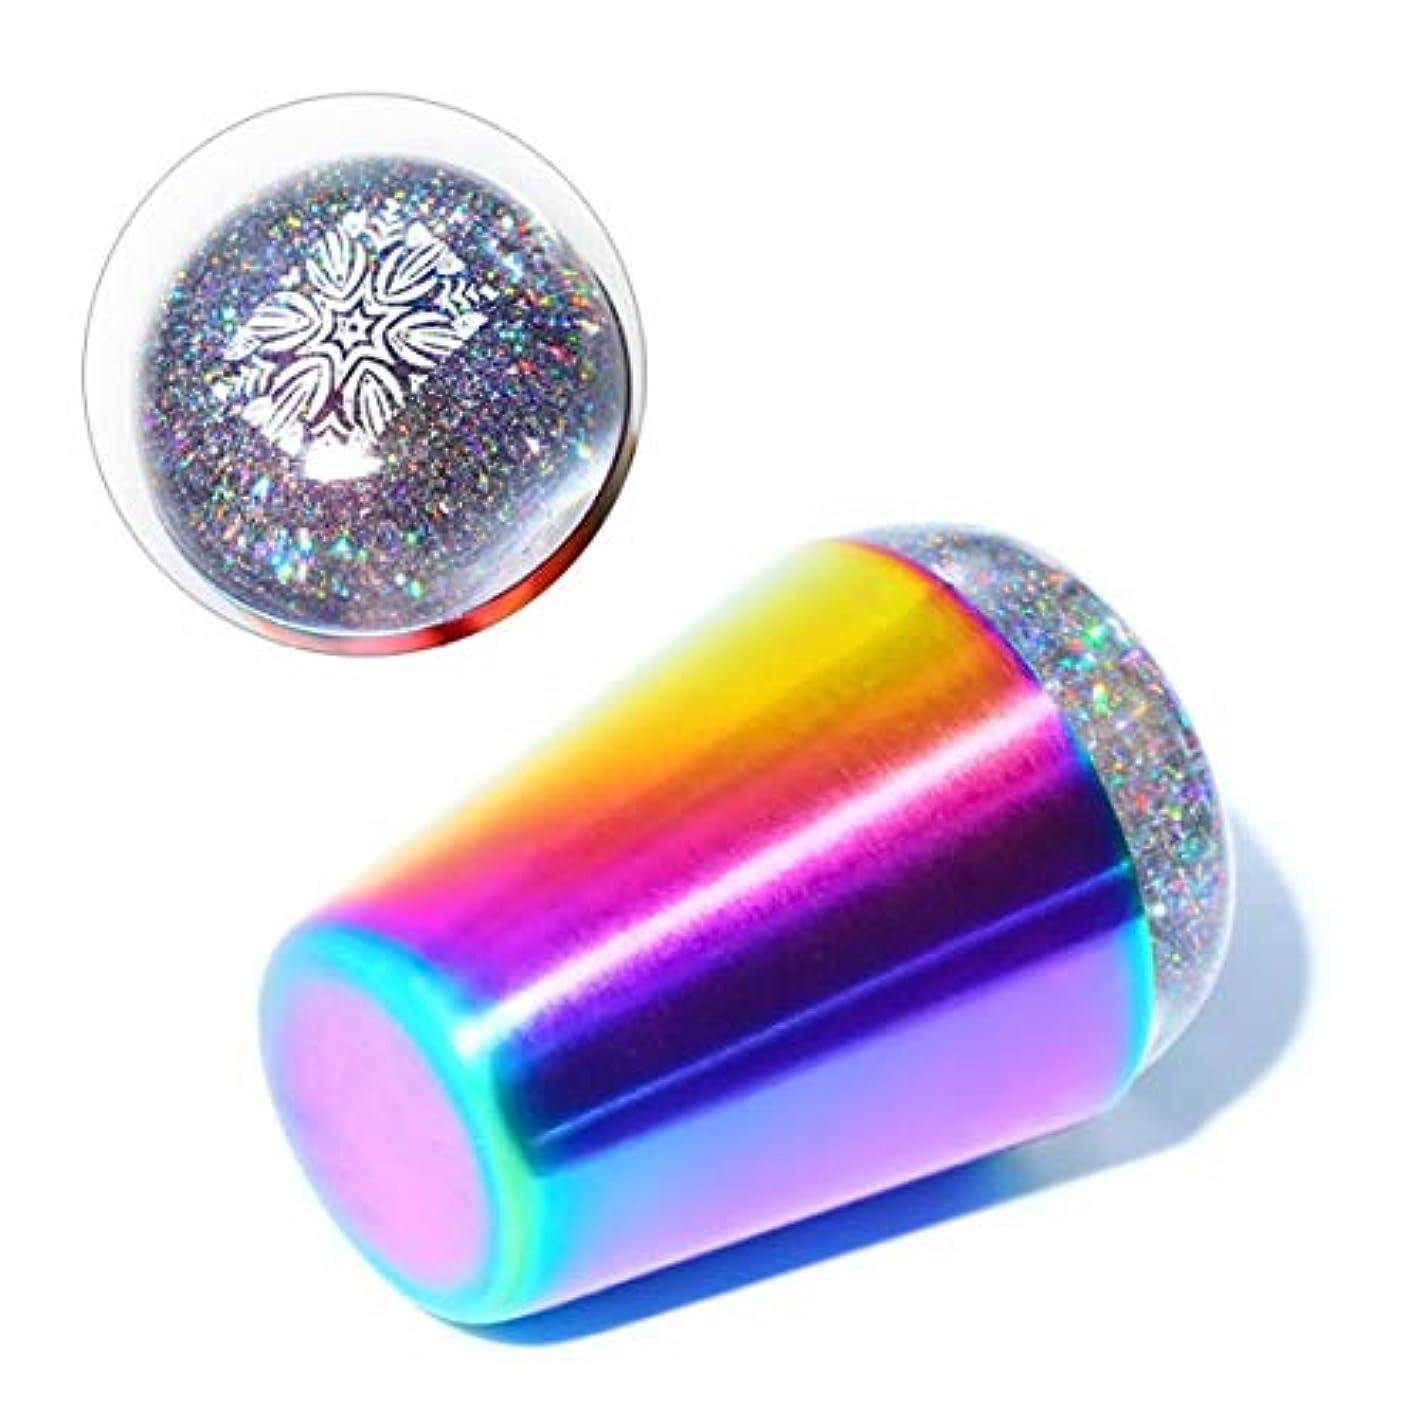 汚す主観的入場Wadachikis 最高の販売透明な釘スタンパースクレーパーホログラフィック虹ハンドルネイルアートツール(None B)